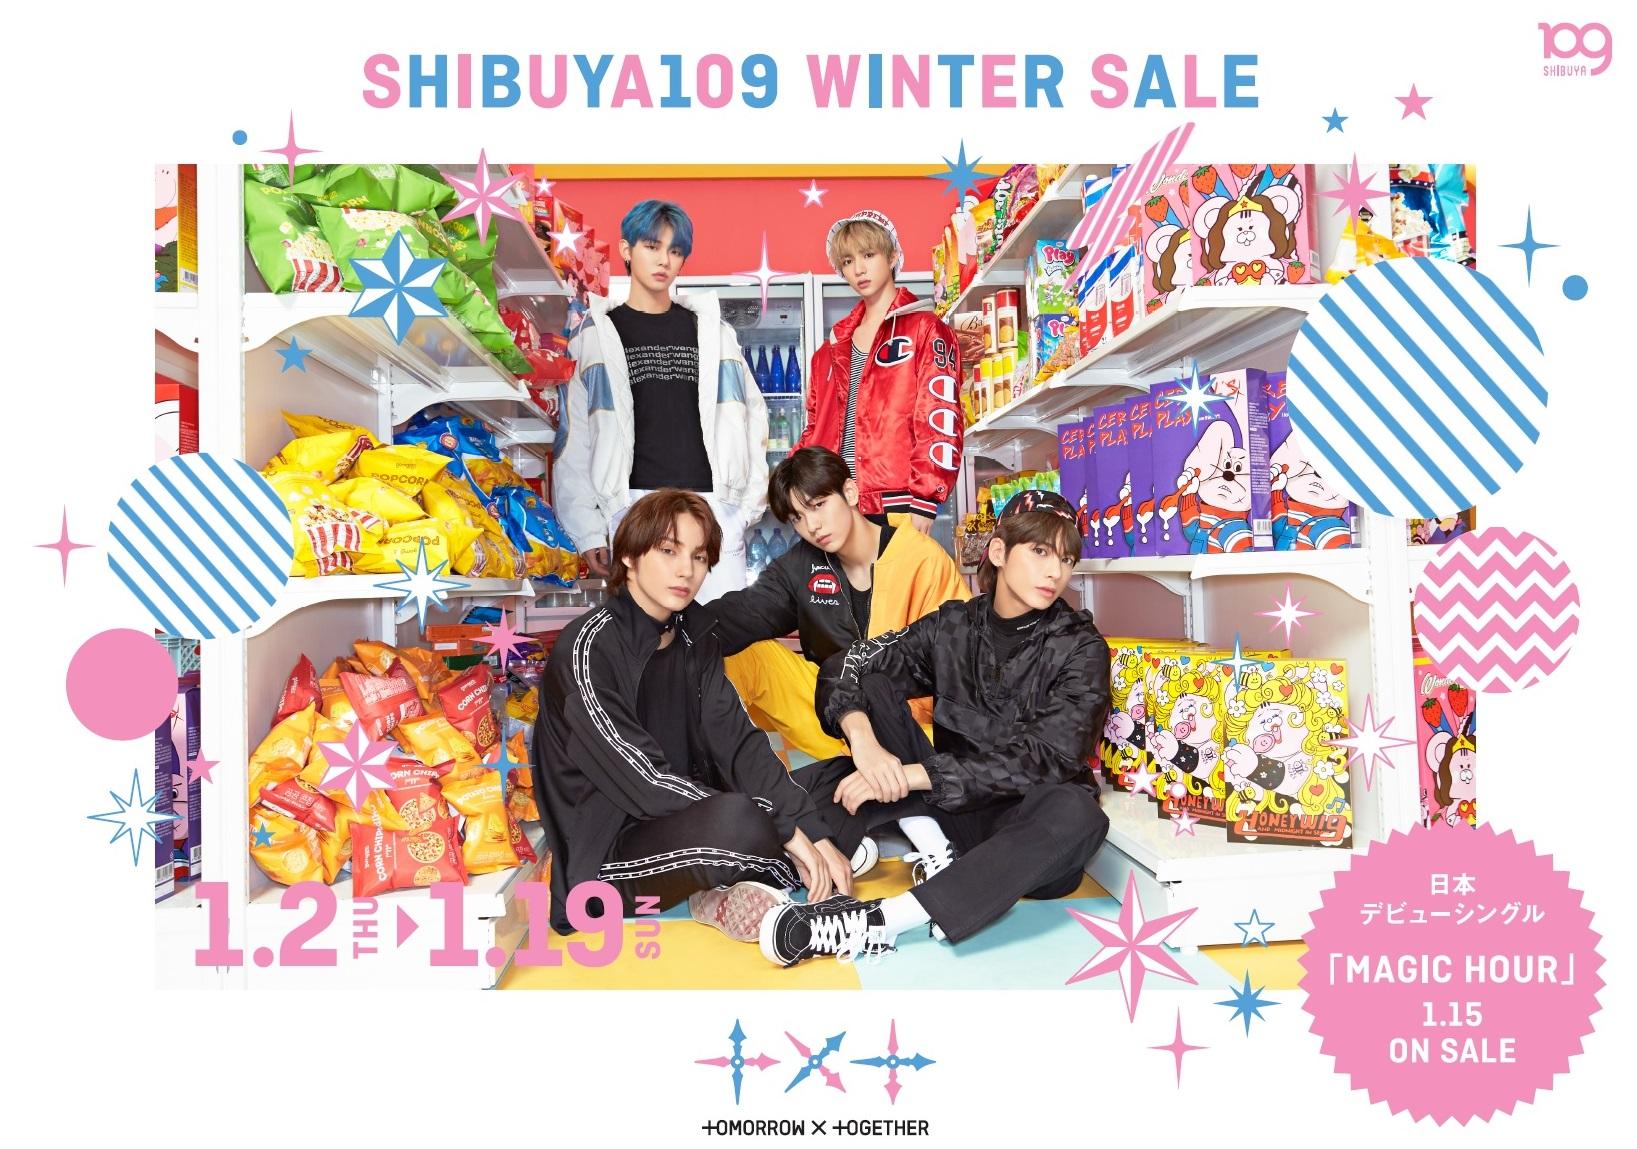 【SHIBUYA109冬のセールのお知らせ💖🔥】今回は韓国発5人組ボーイズグループ『TOMORROW X TOGETHER』とコラボ💫